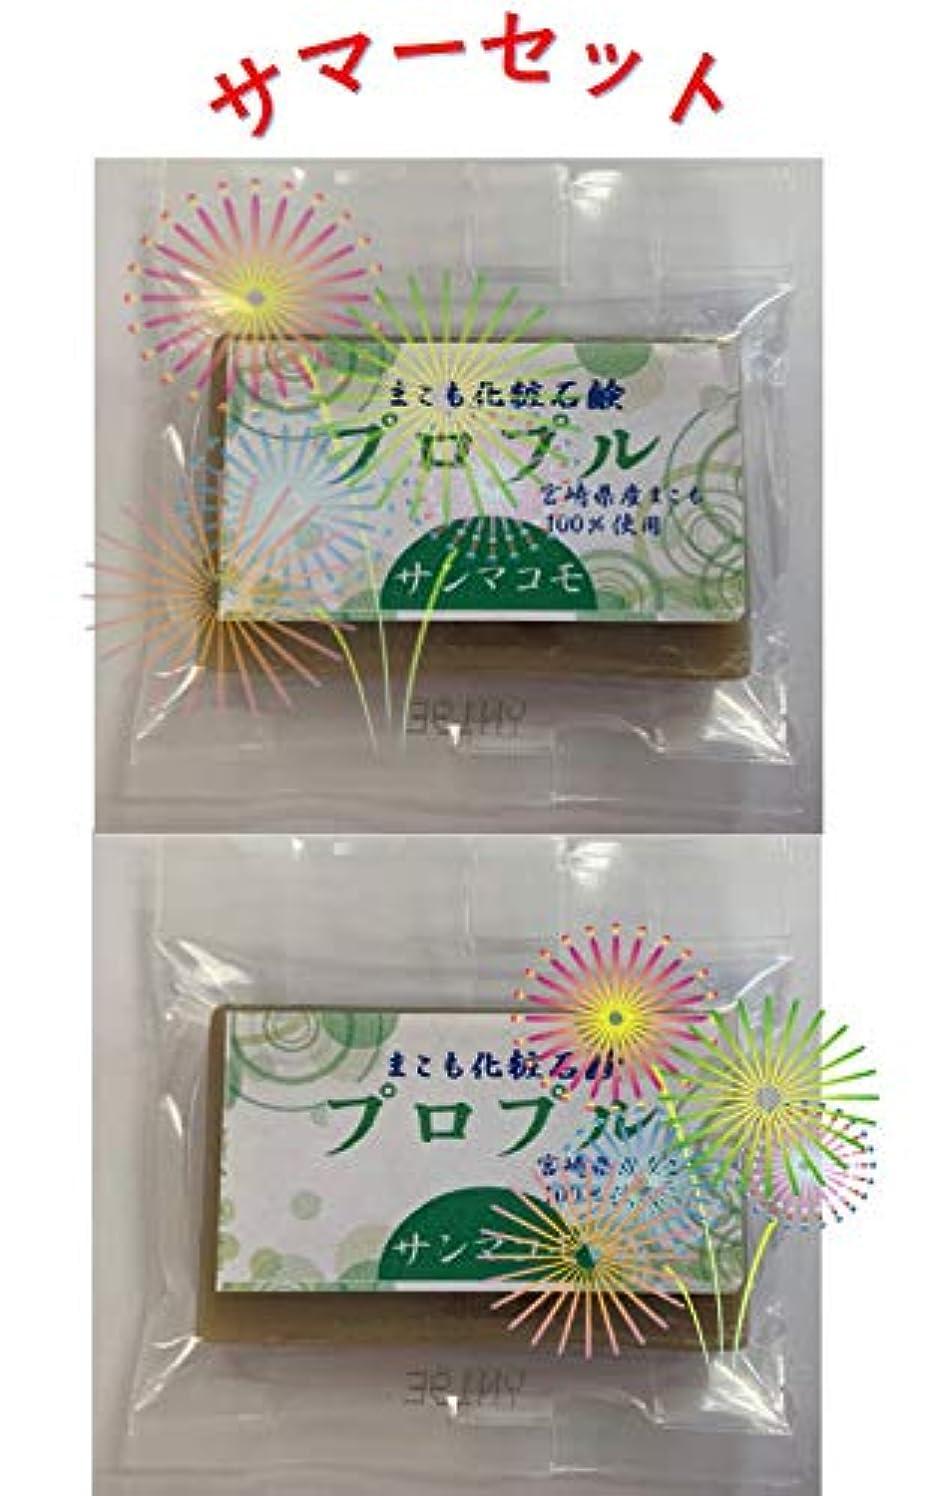 召集する小麦粉学習者まこも化粧石鹸 プロプル 15g 2個セット